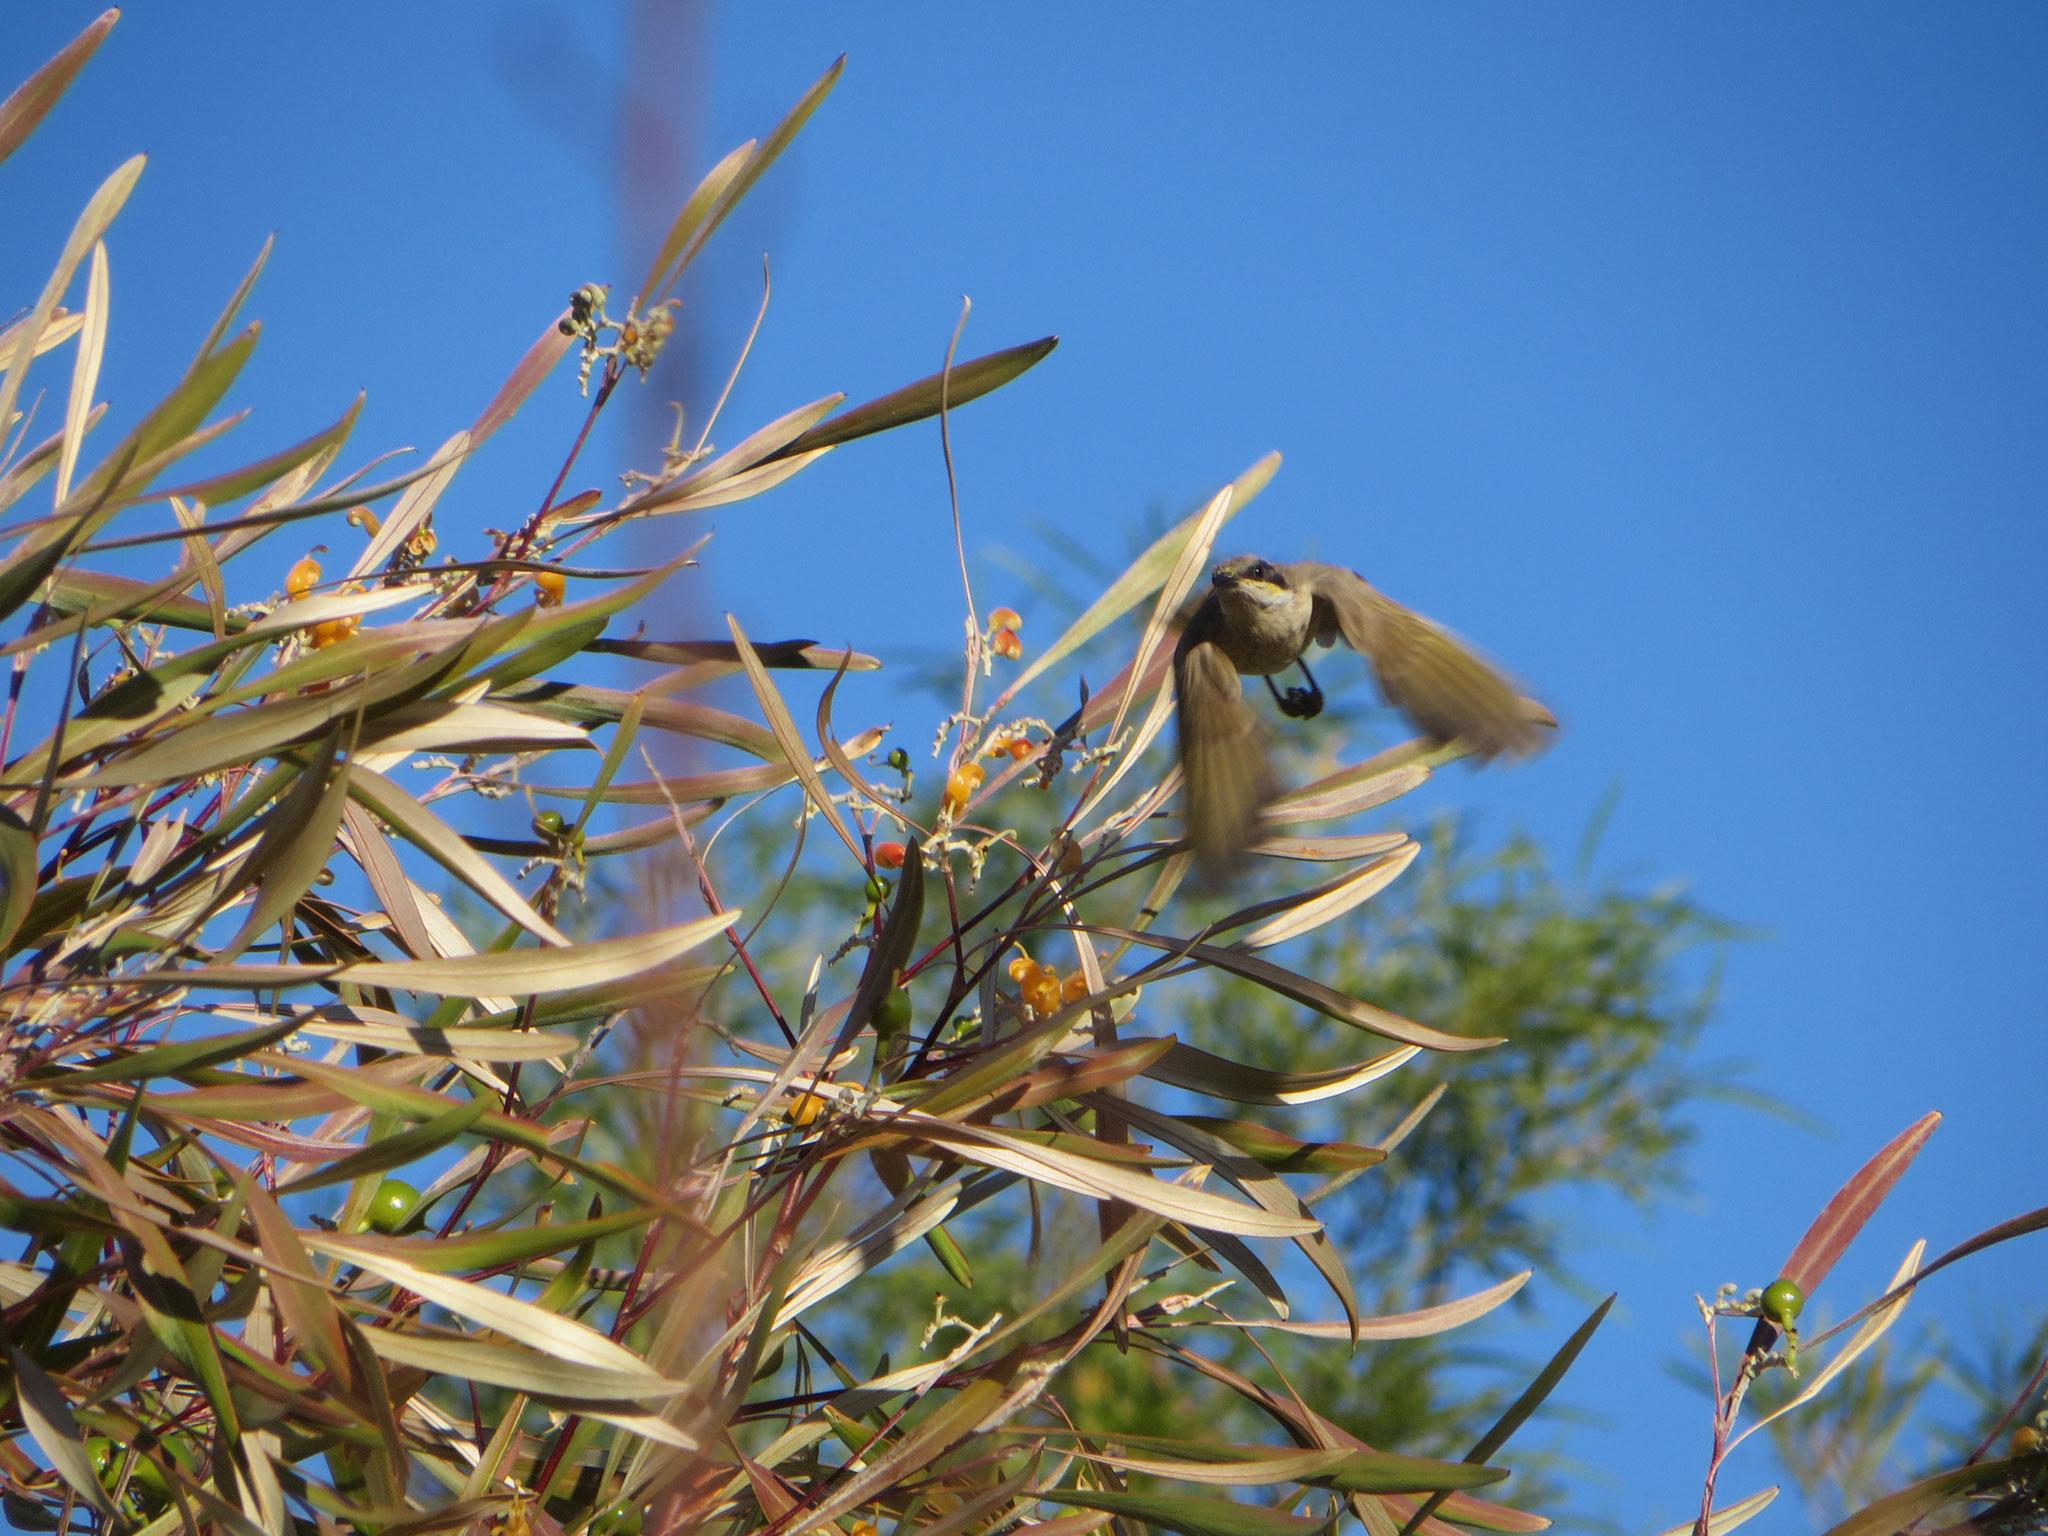 White-gaped honey eater in flight